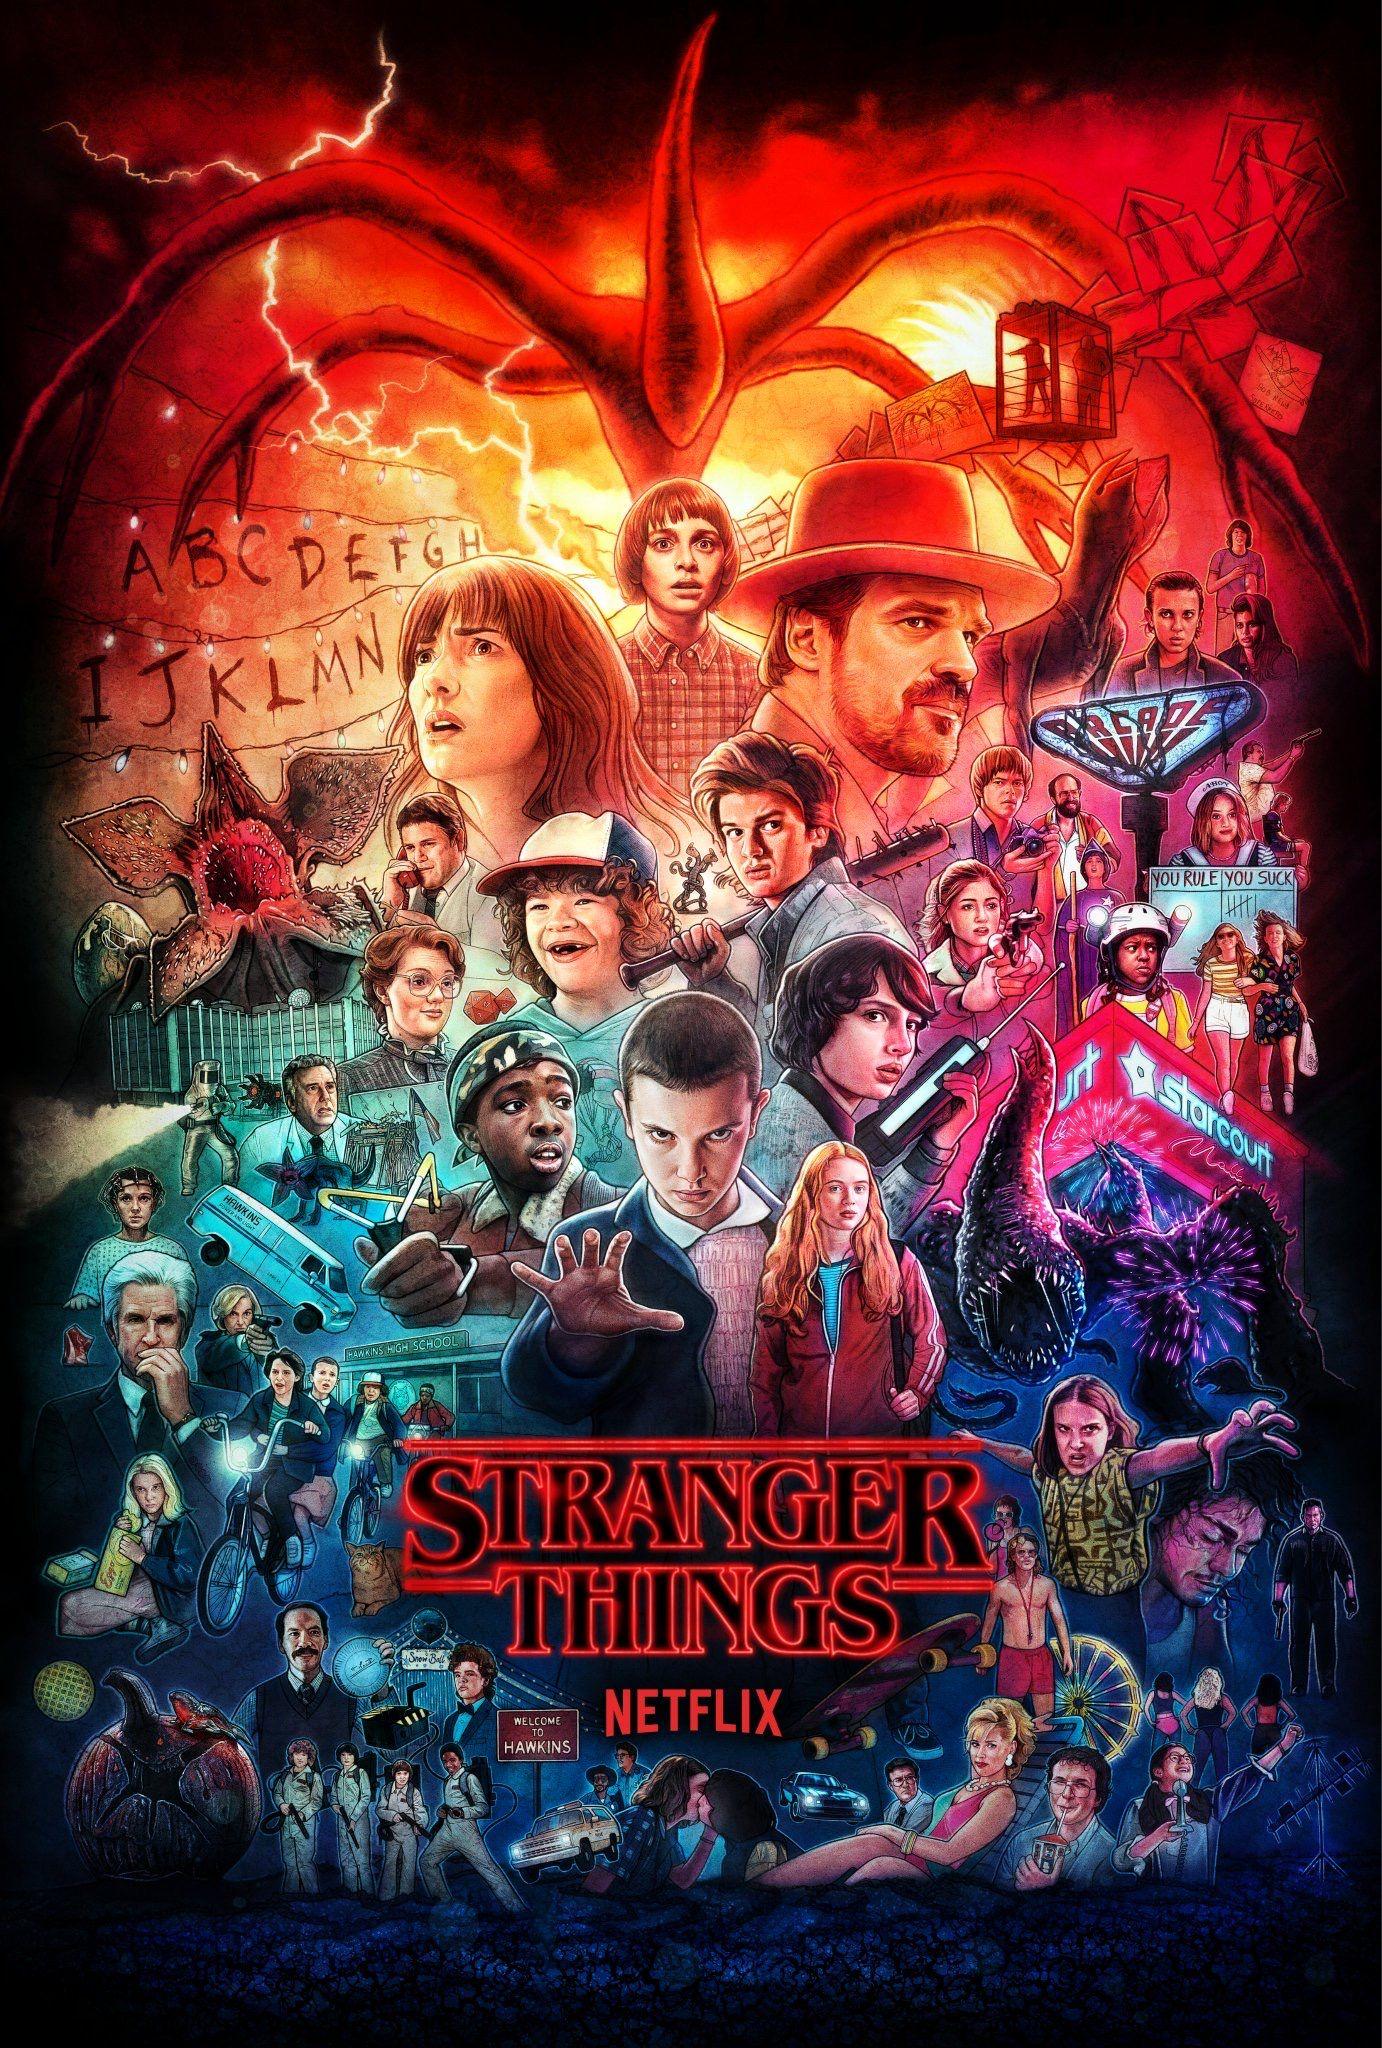 Stranger Things Stranger things poster, Stranger things